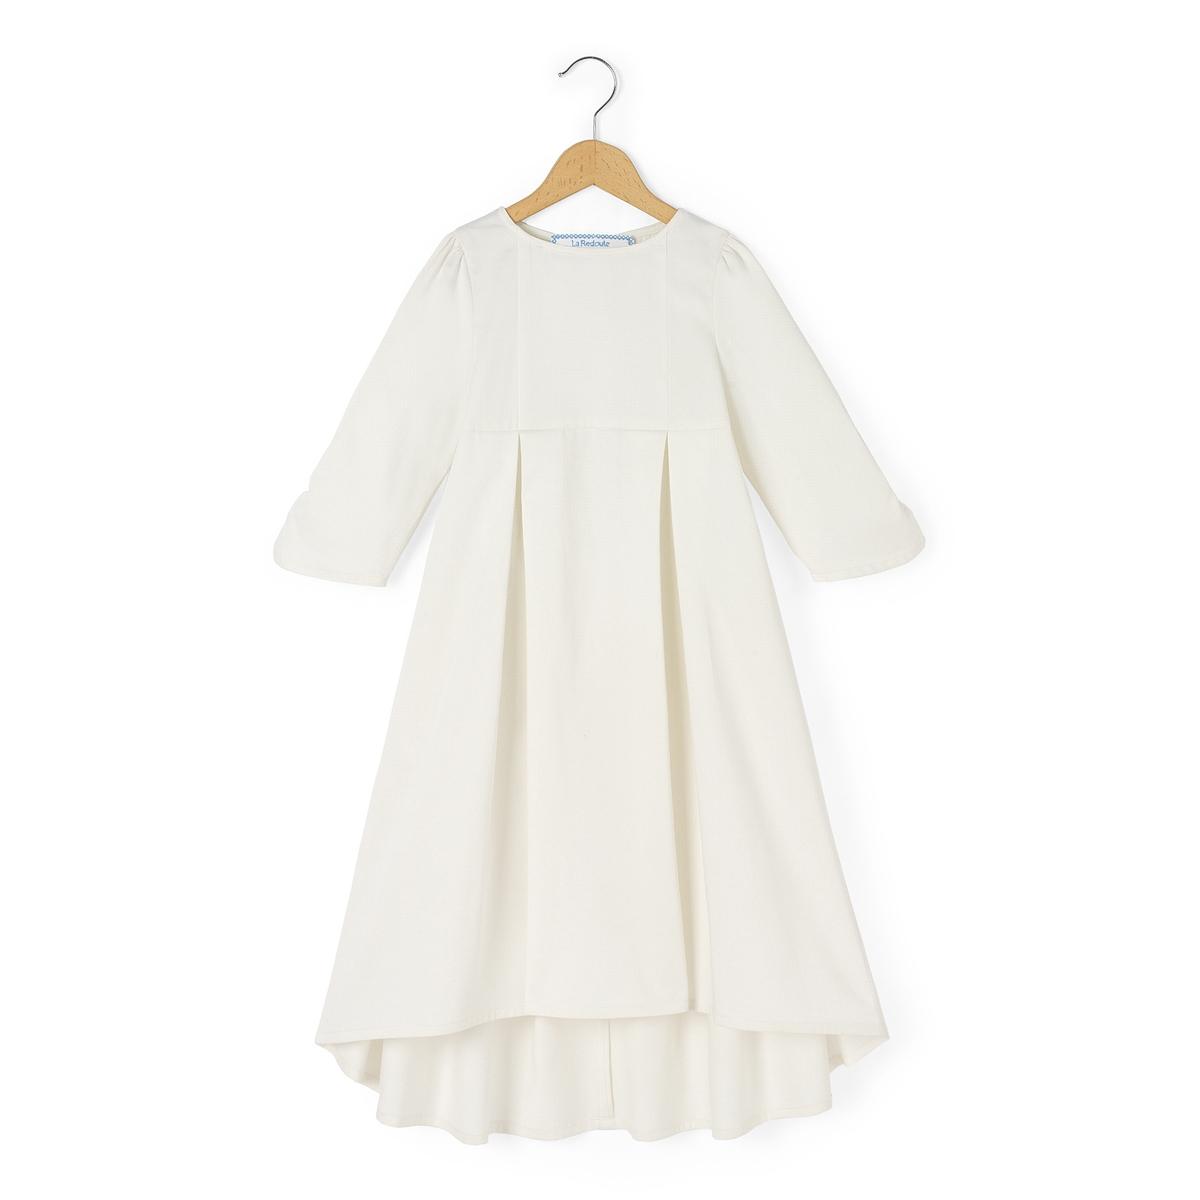 Платье для торжества из сатина, 3-12 лет